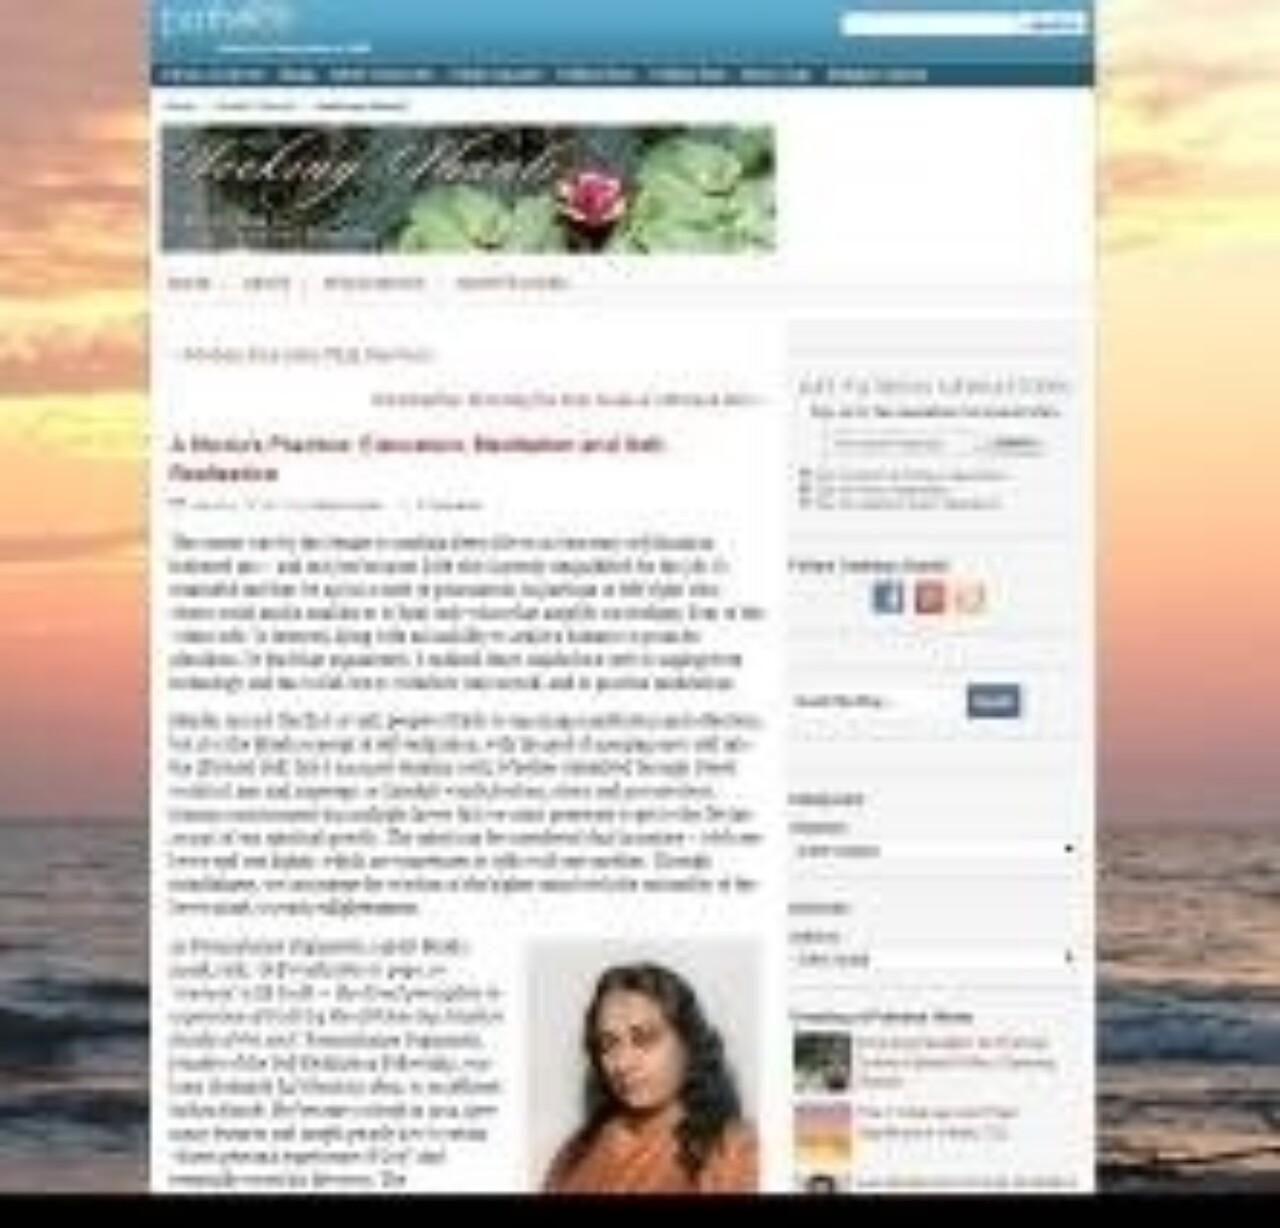 Patheos cites Paramahansa Yogananda and kriya yoga